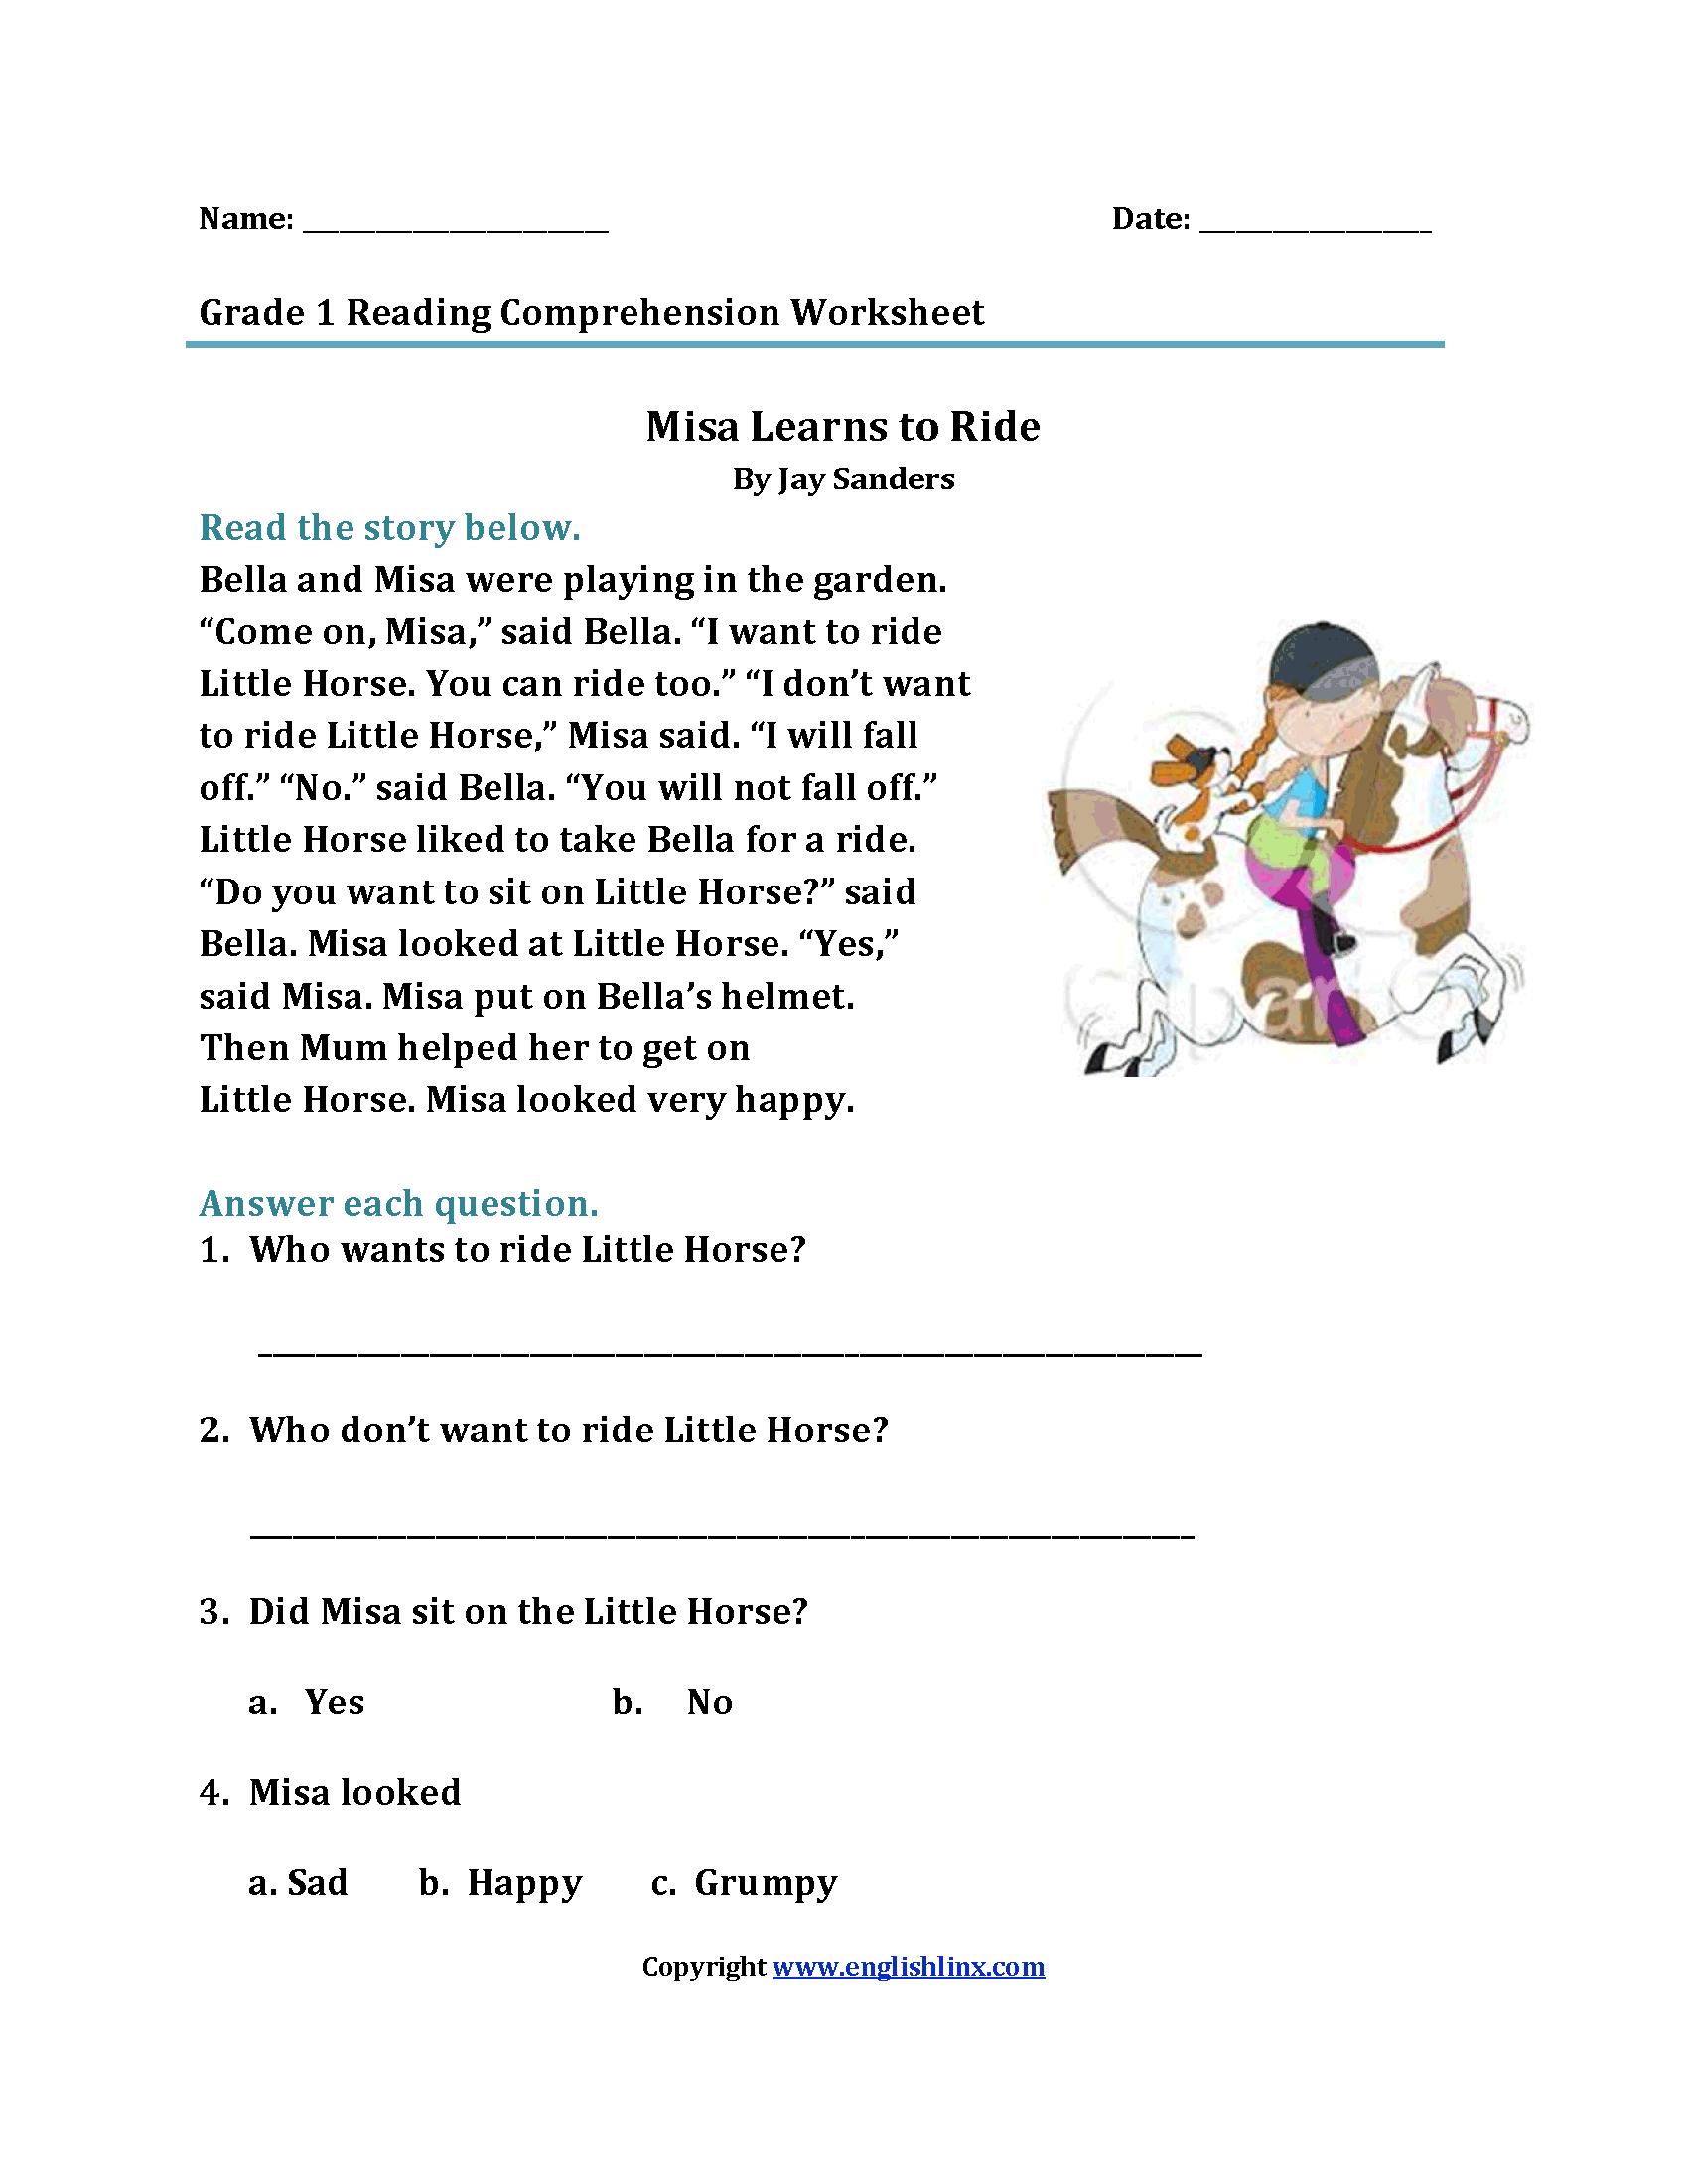 Misa Learns to Ride\u003cbr\u003eFirst Grade Reading Worksheets   Reading  comprehension worksheets [ 2200 x 1700 Pixel ]